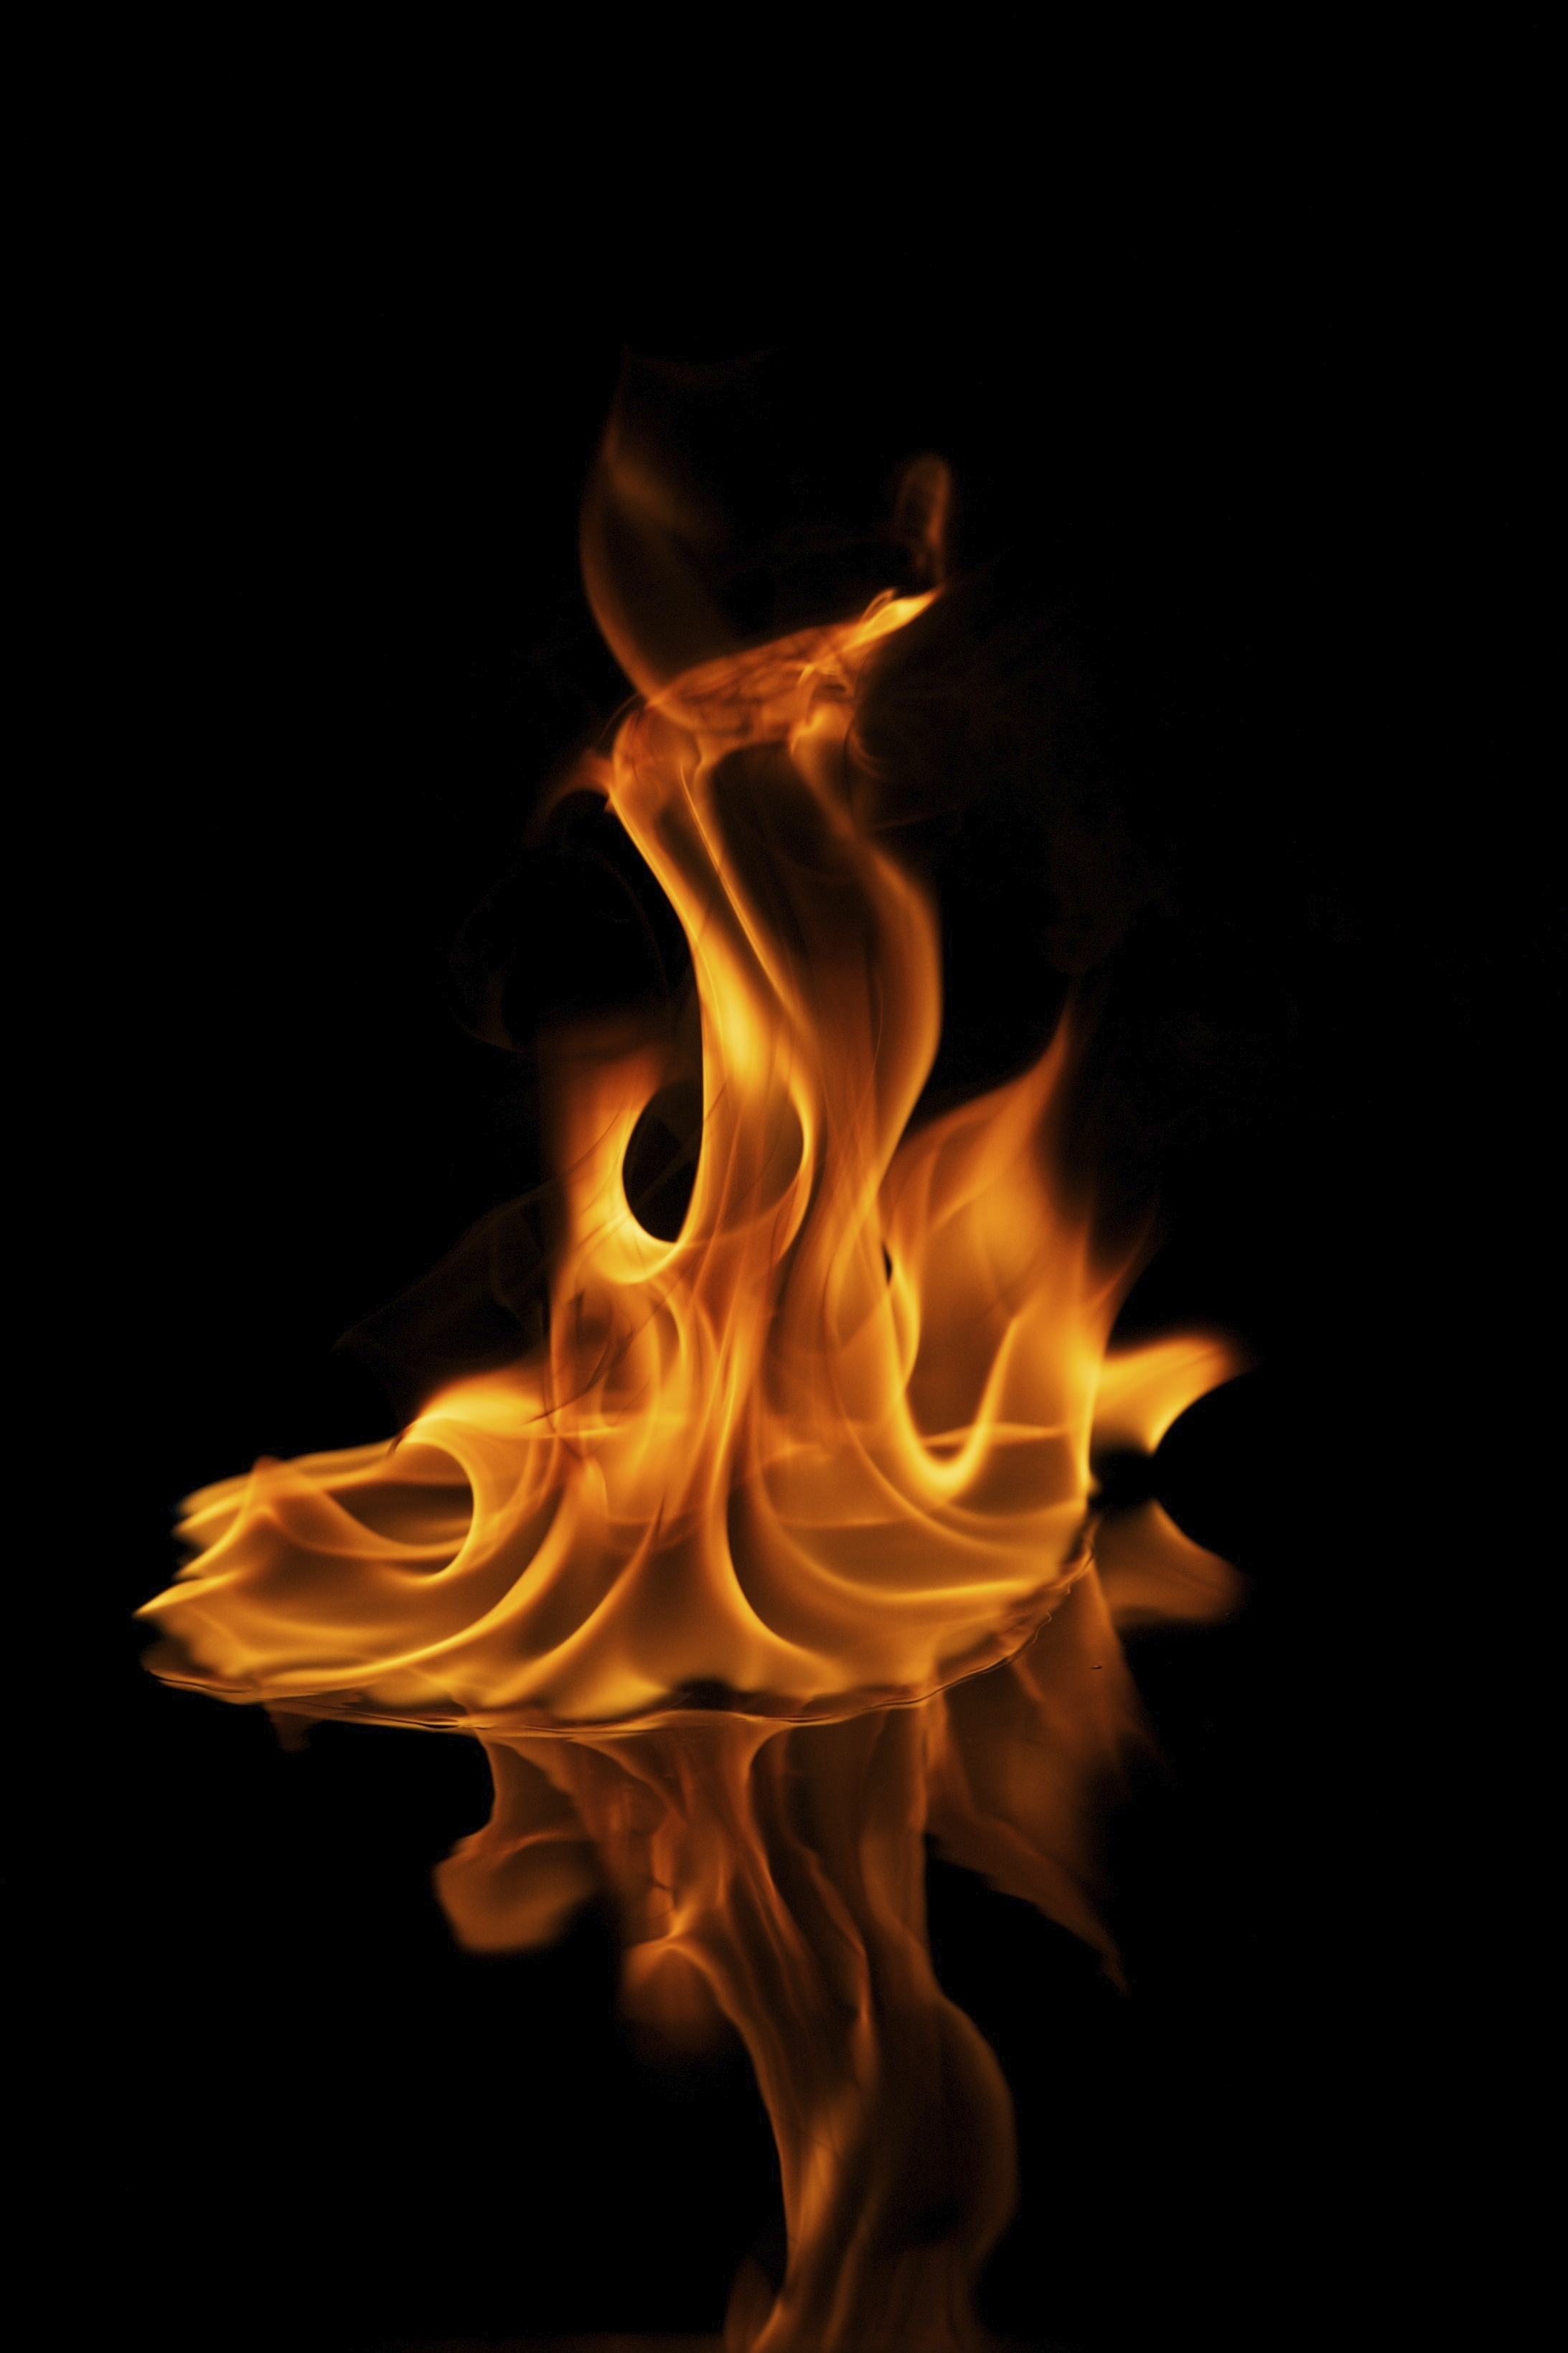 FIRE image | MercerMe.com